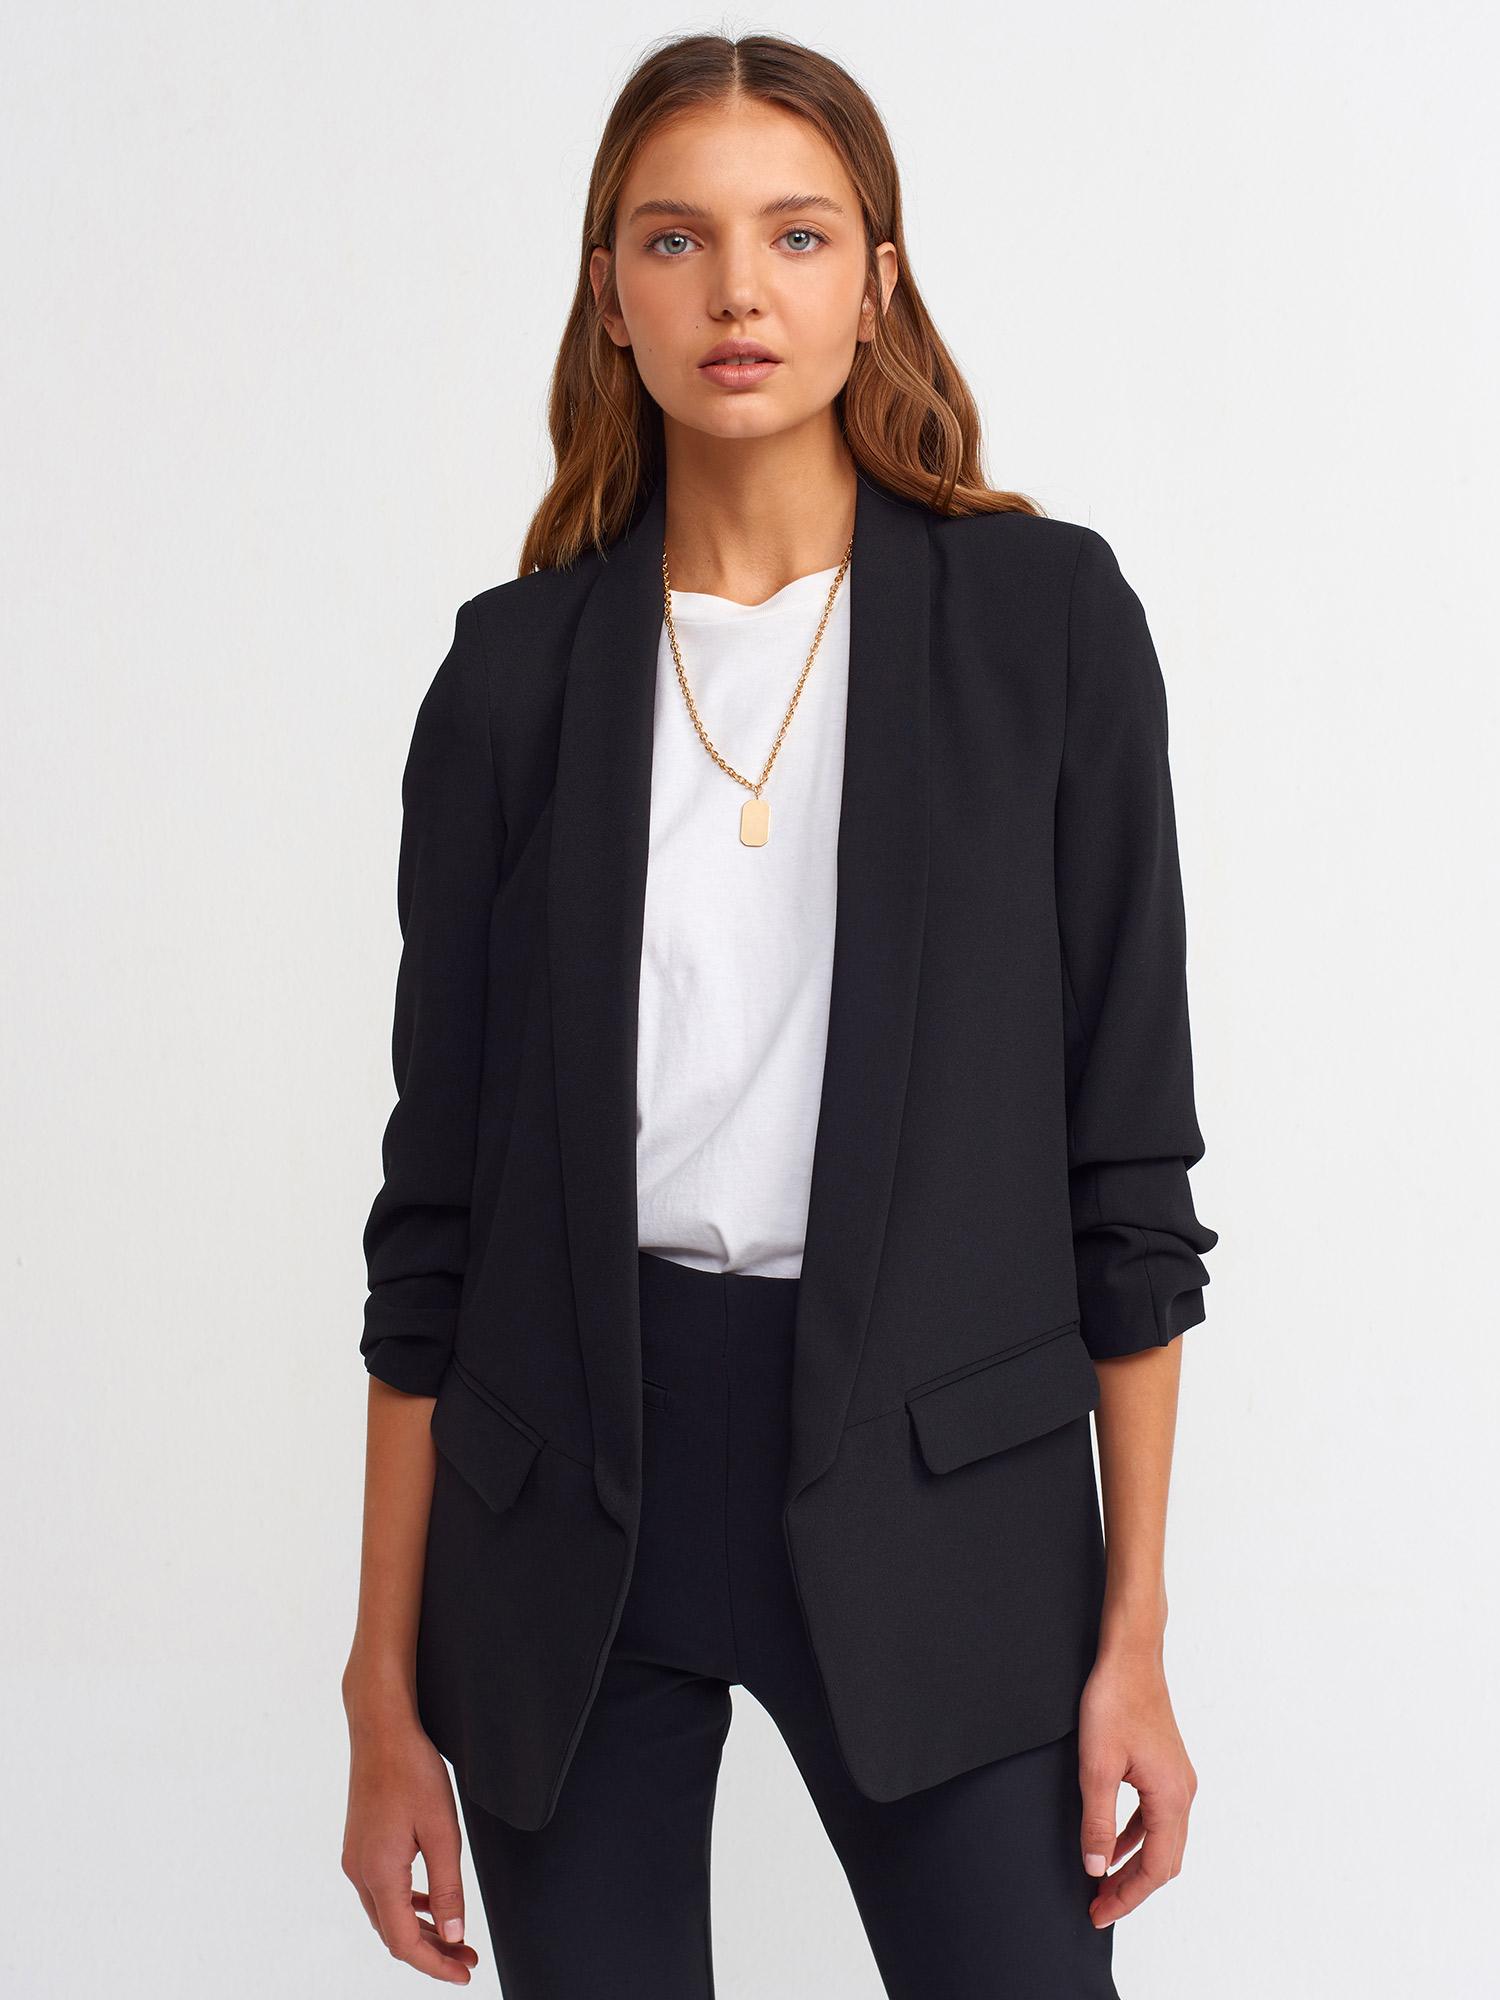 Bayan Siyah Ceket Kombinleri